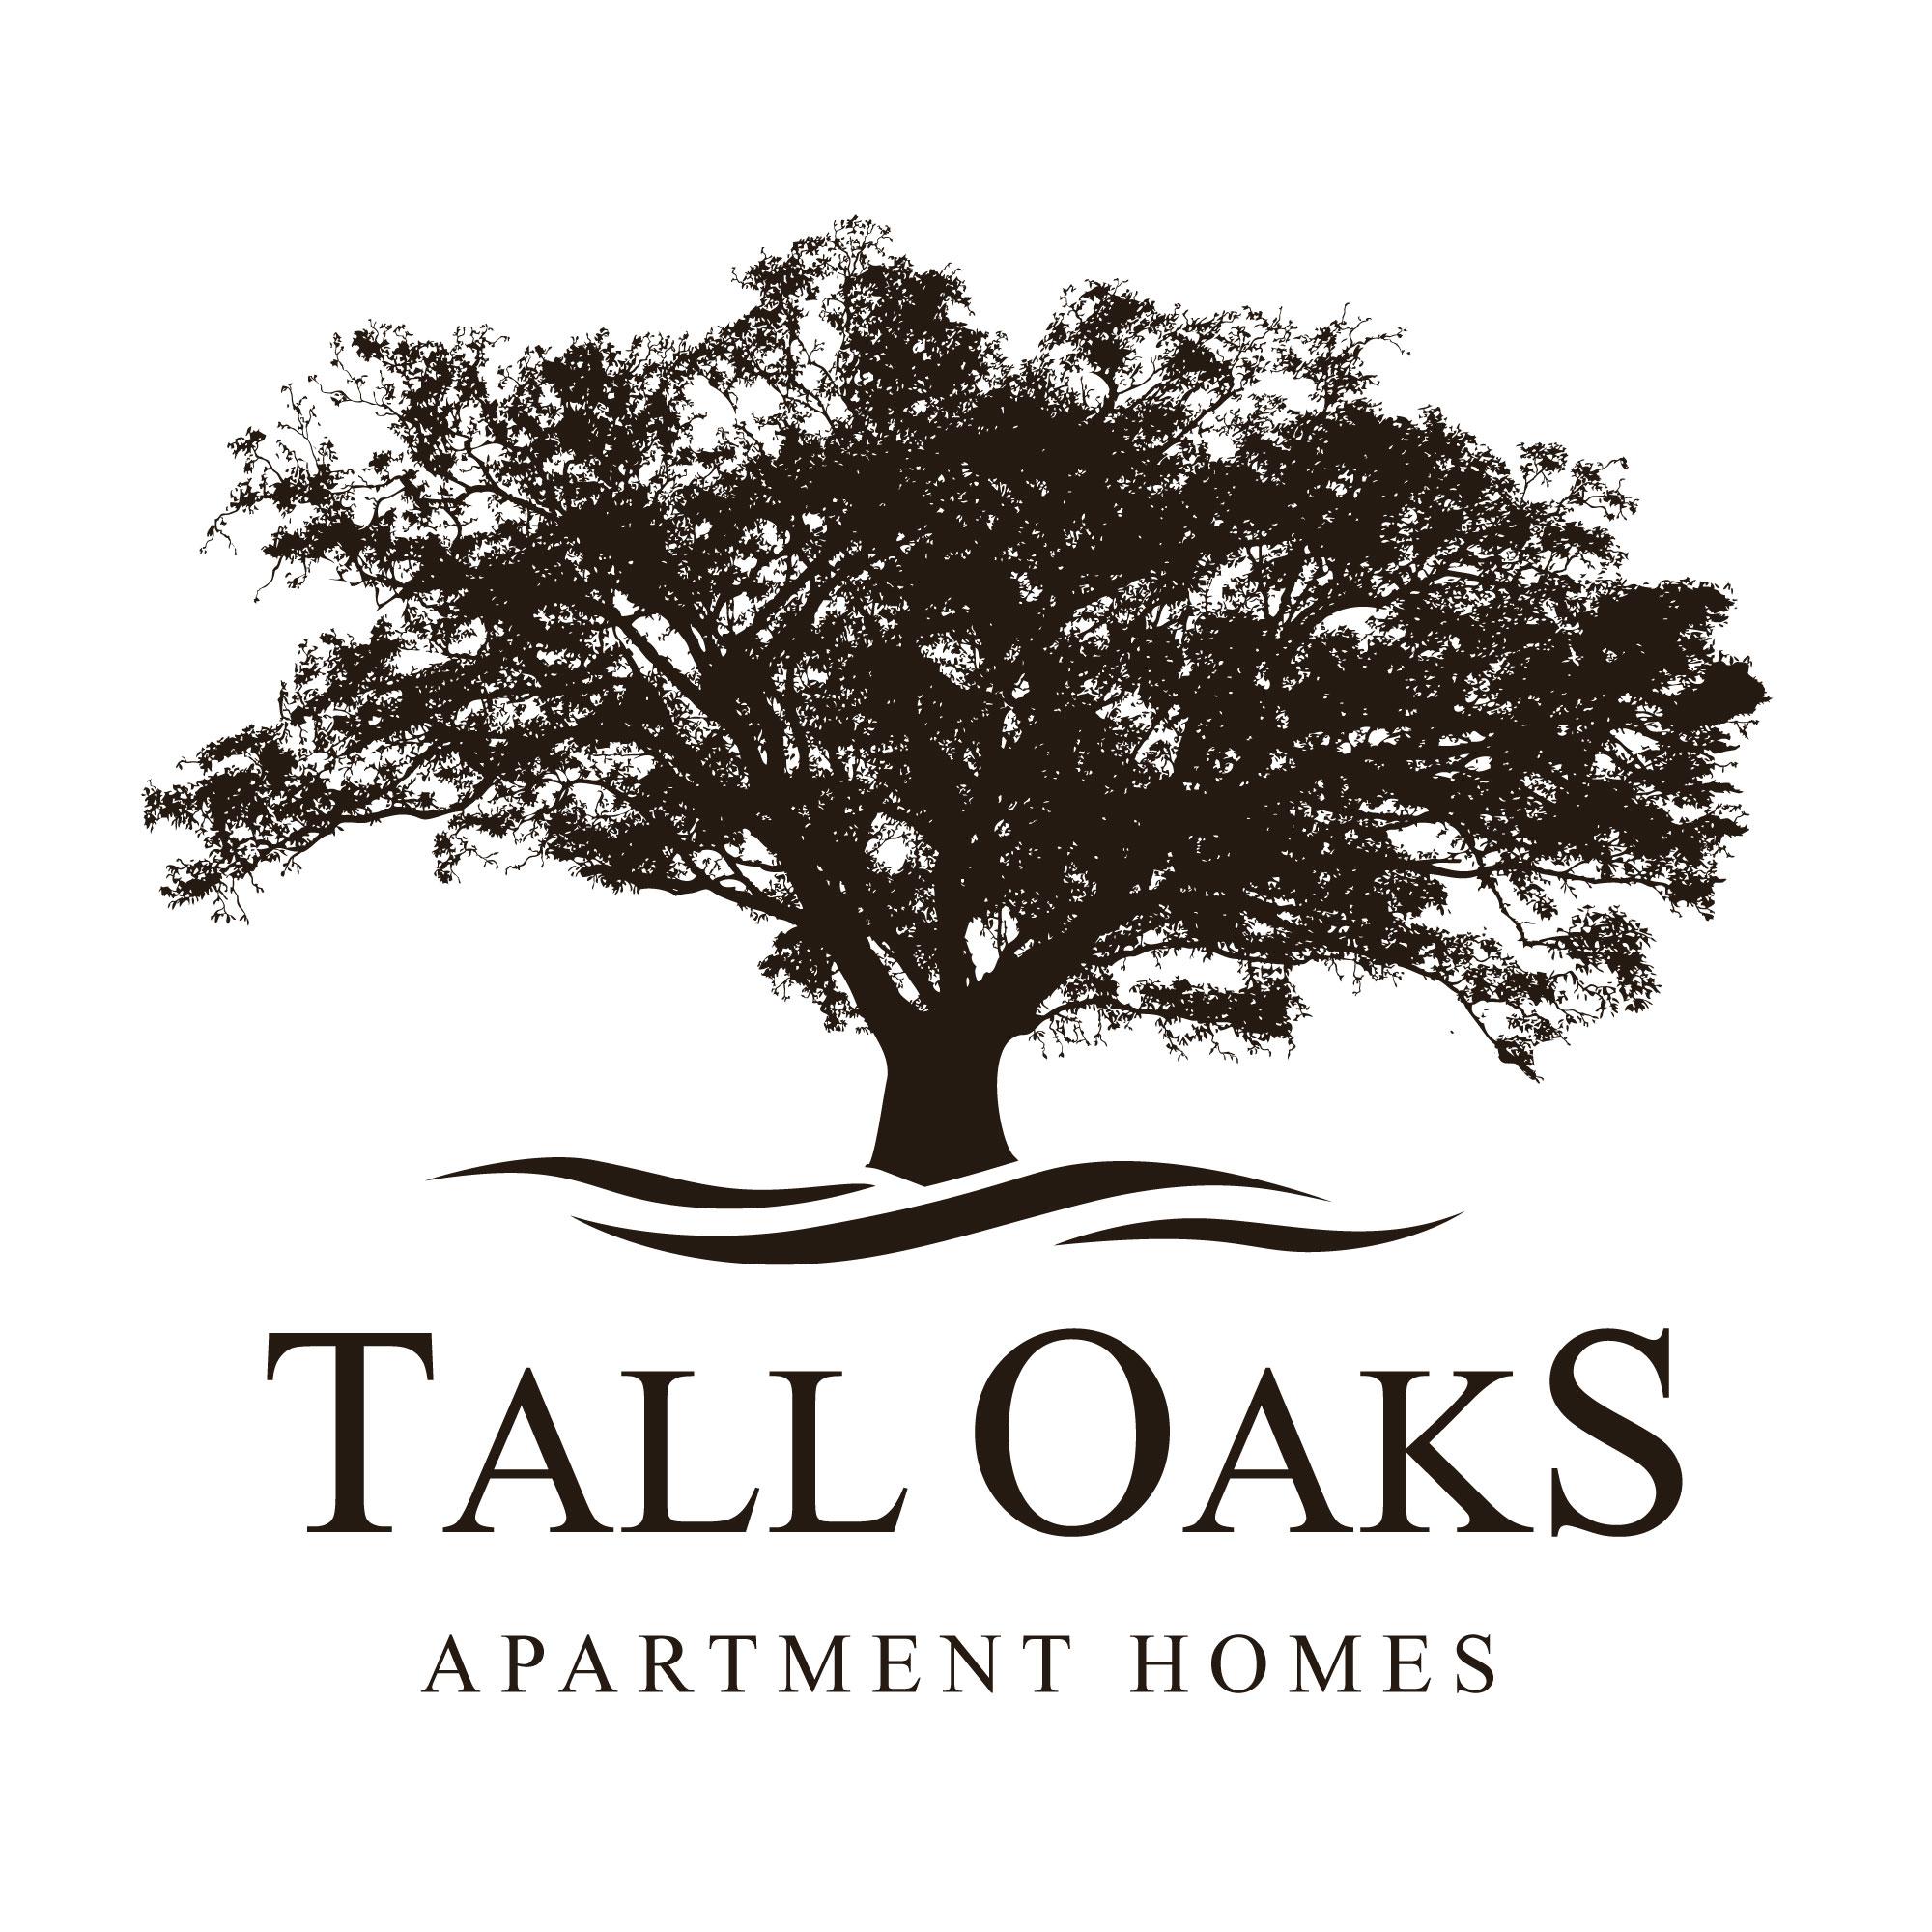 Laurel Oaks Apartments: Tall_oaks_jpg_hi-res